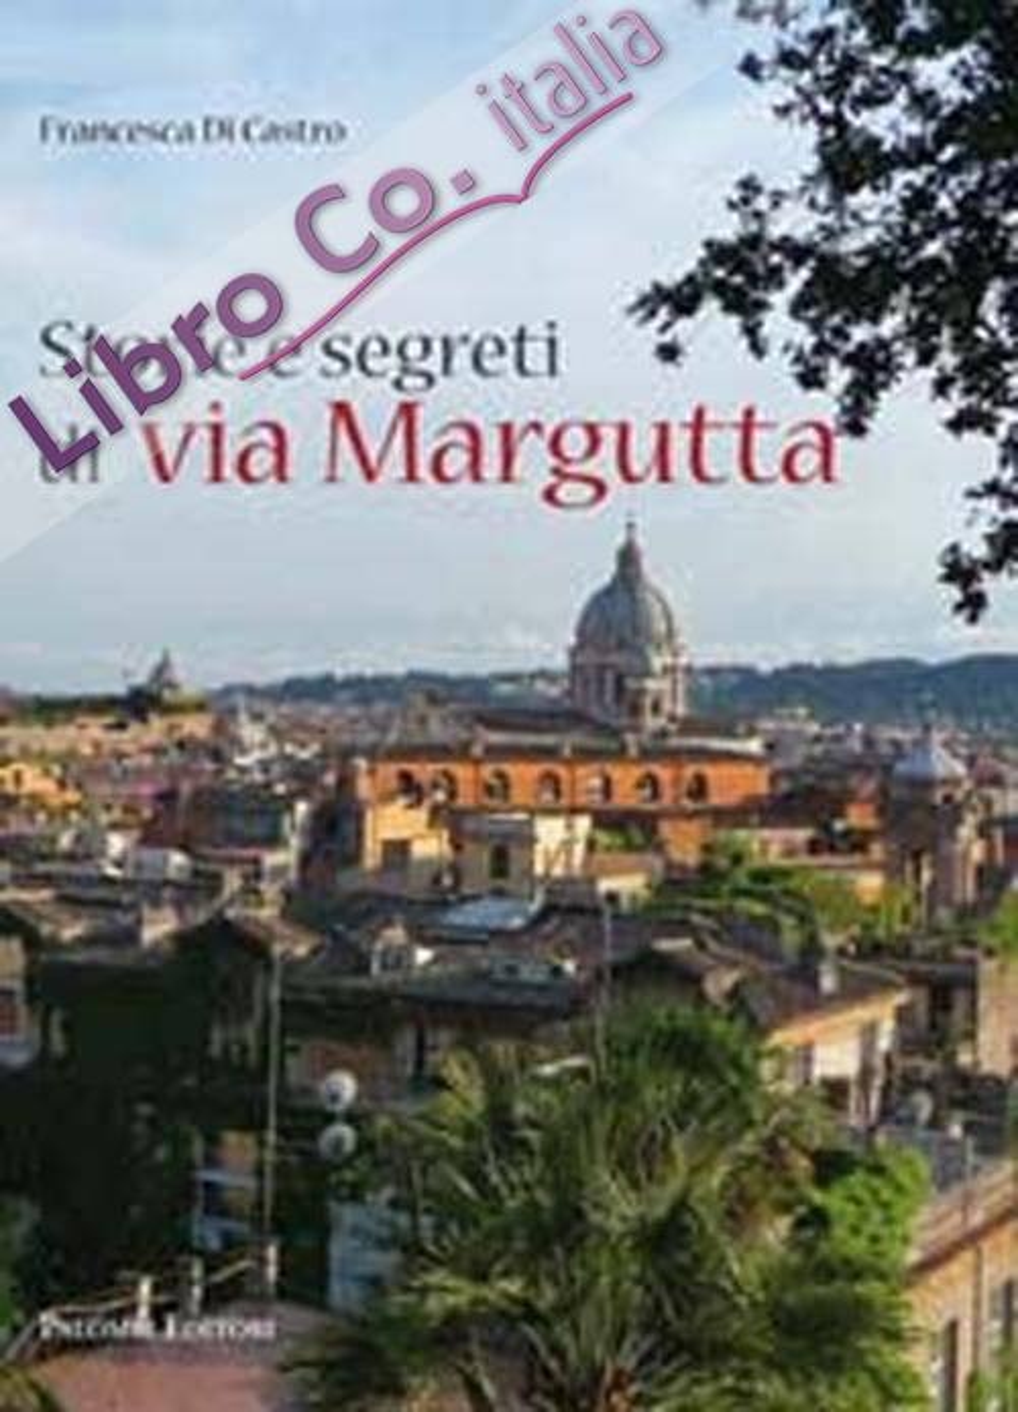 Storie e segreti a via Margutta